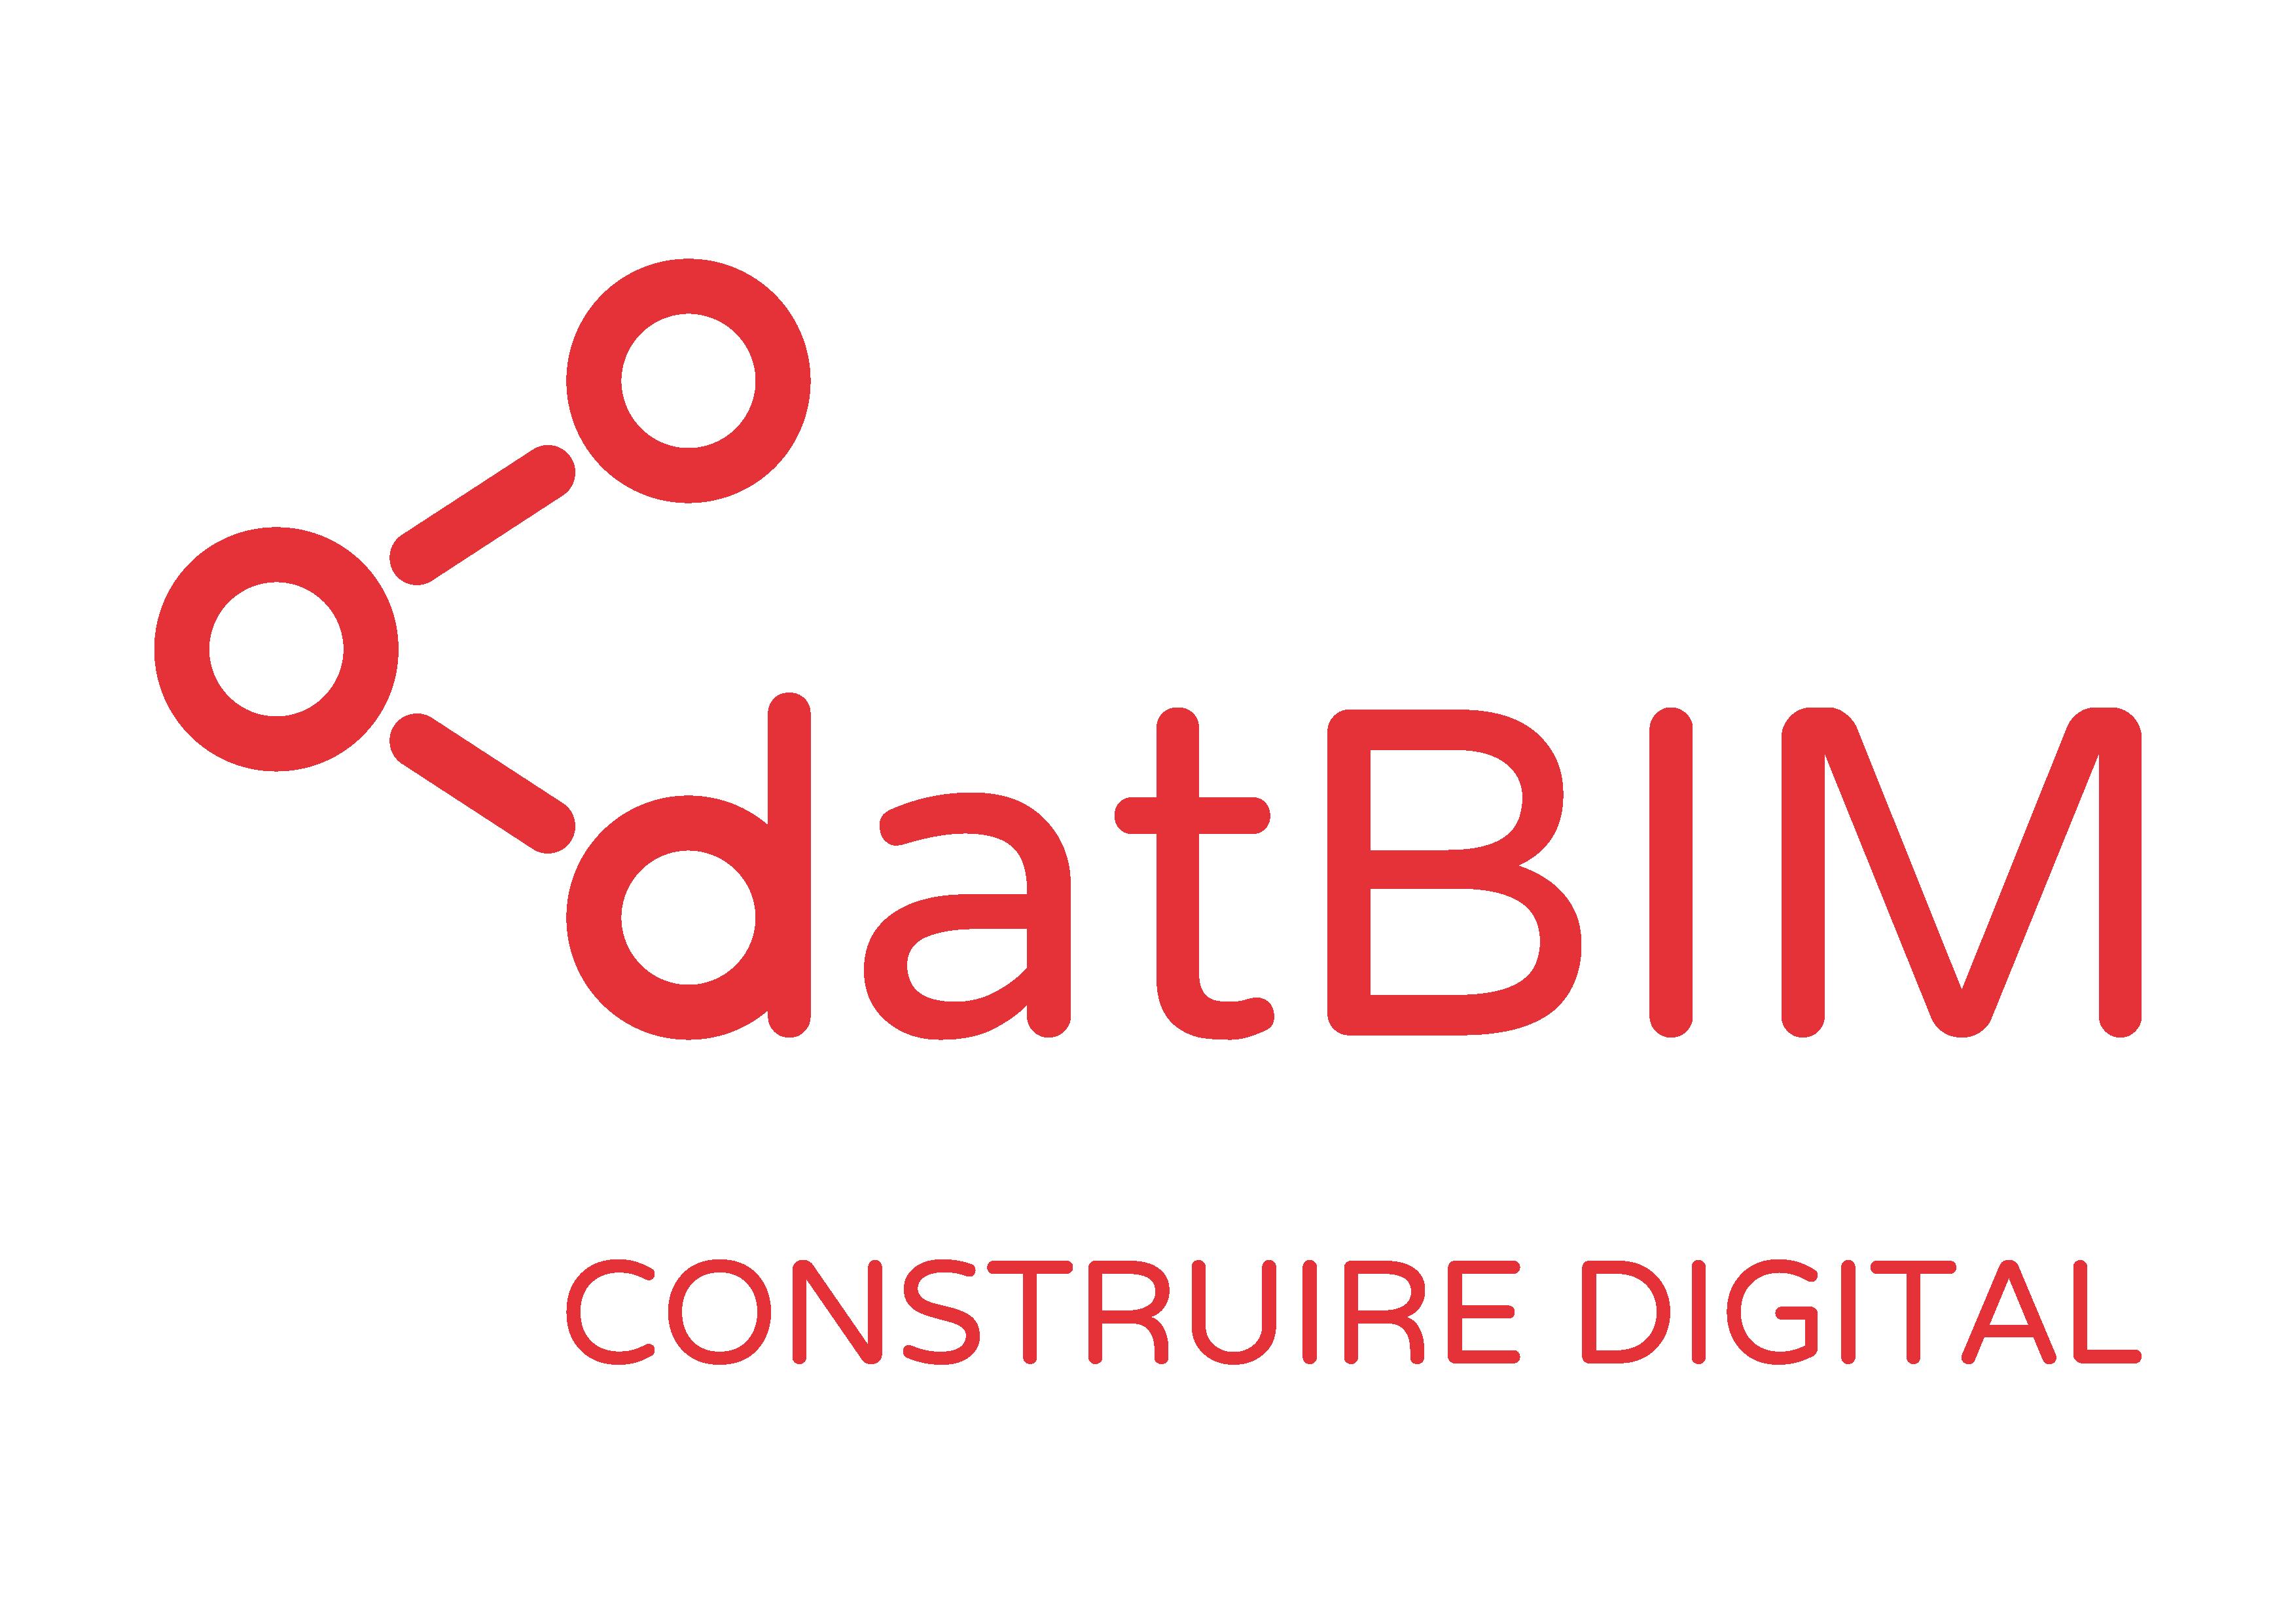 logo datBIM construire digital transparent